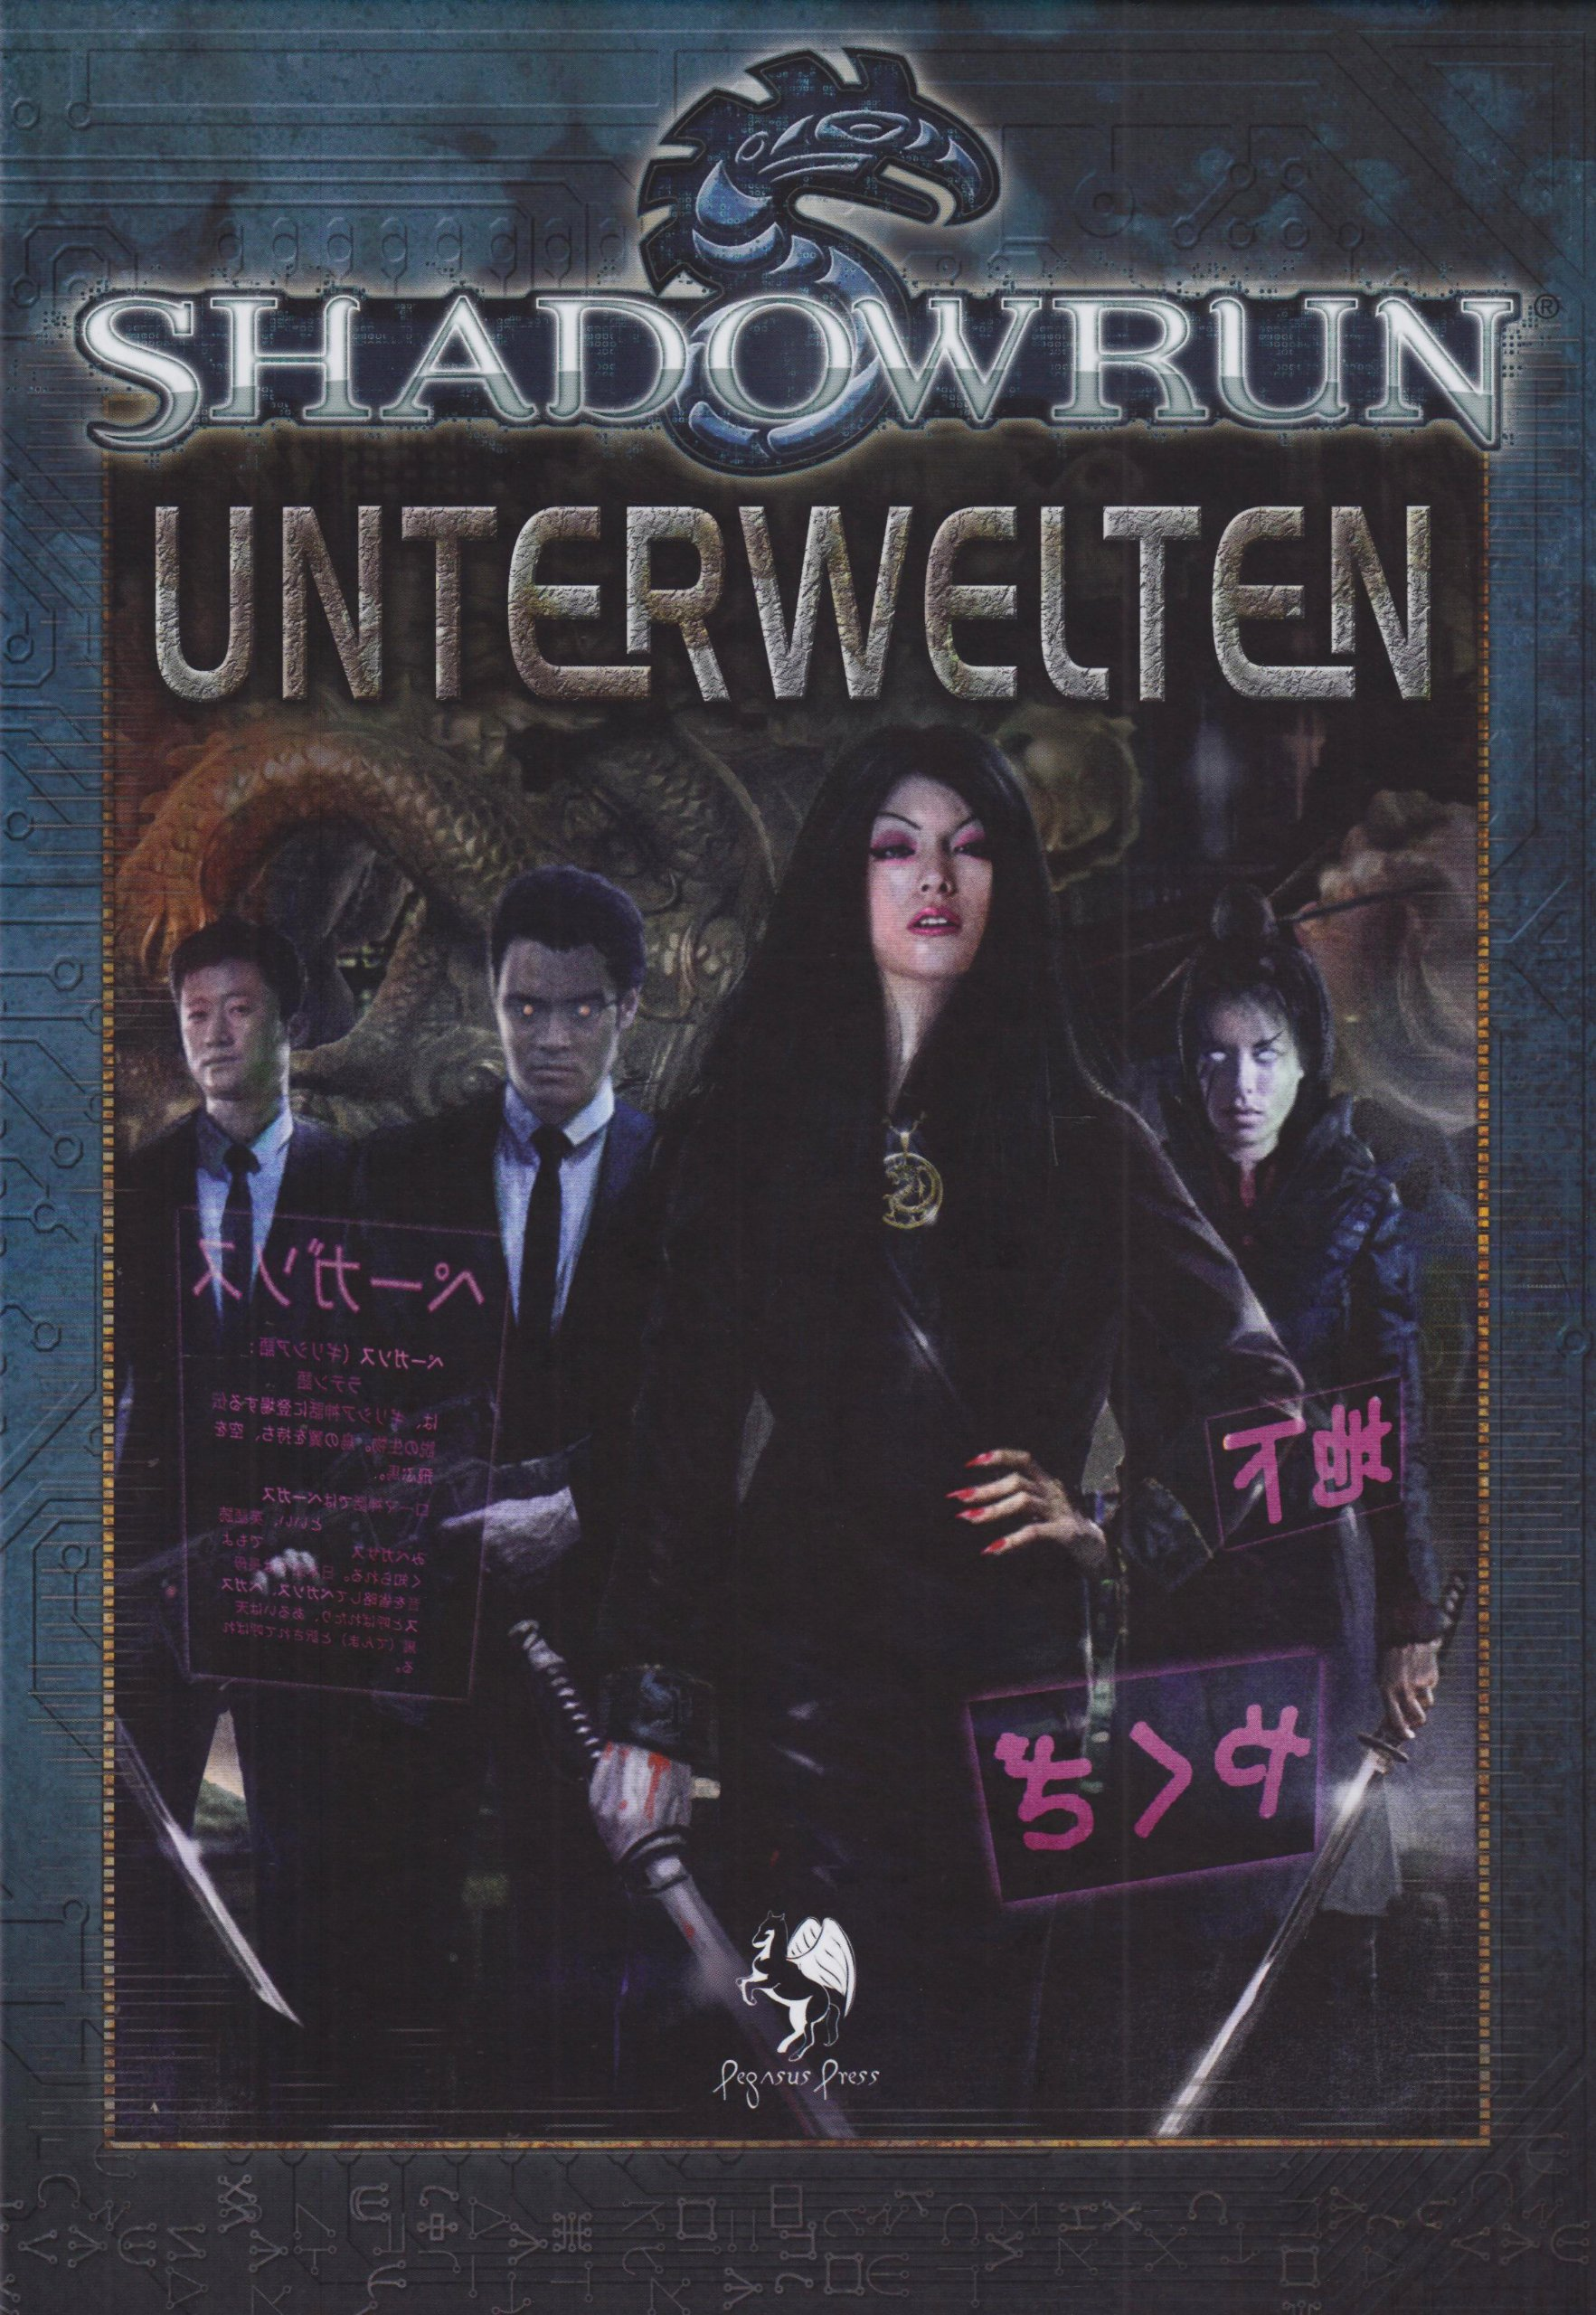 Shadowrun, Unterwelten